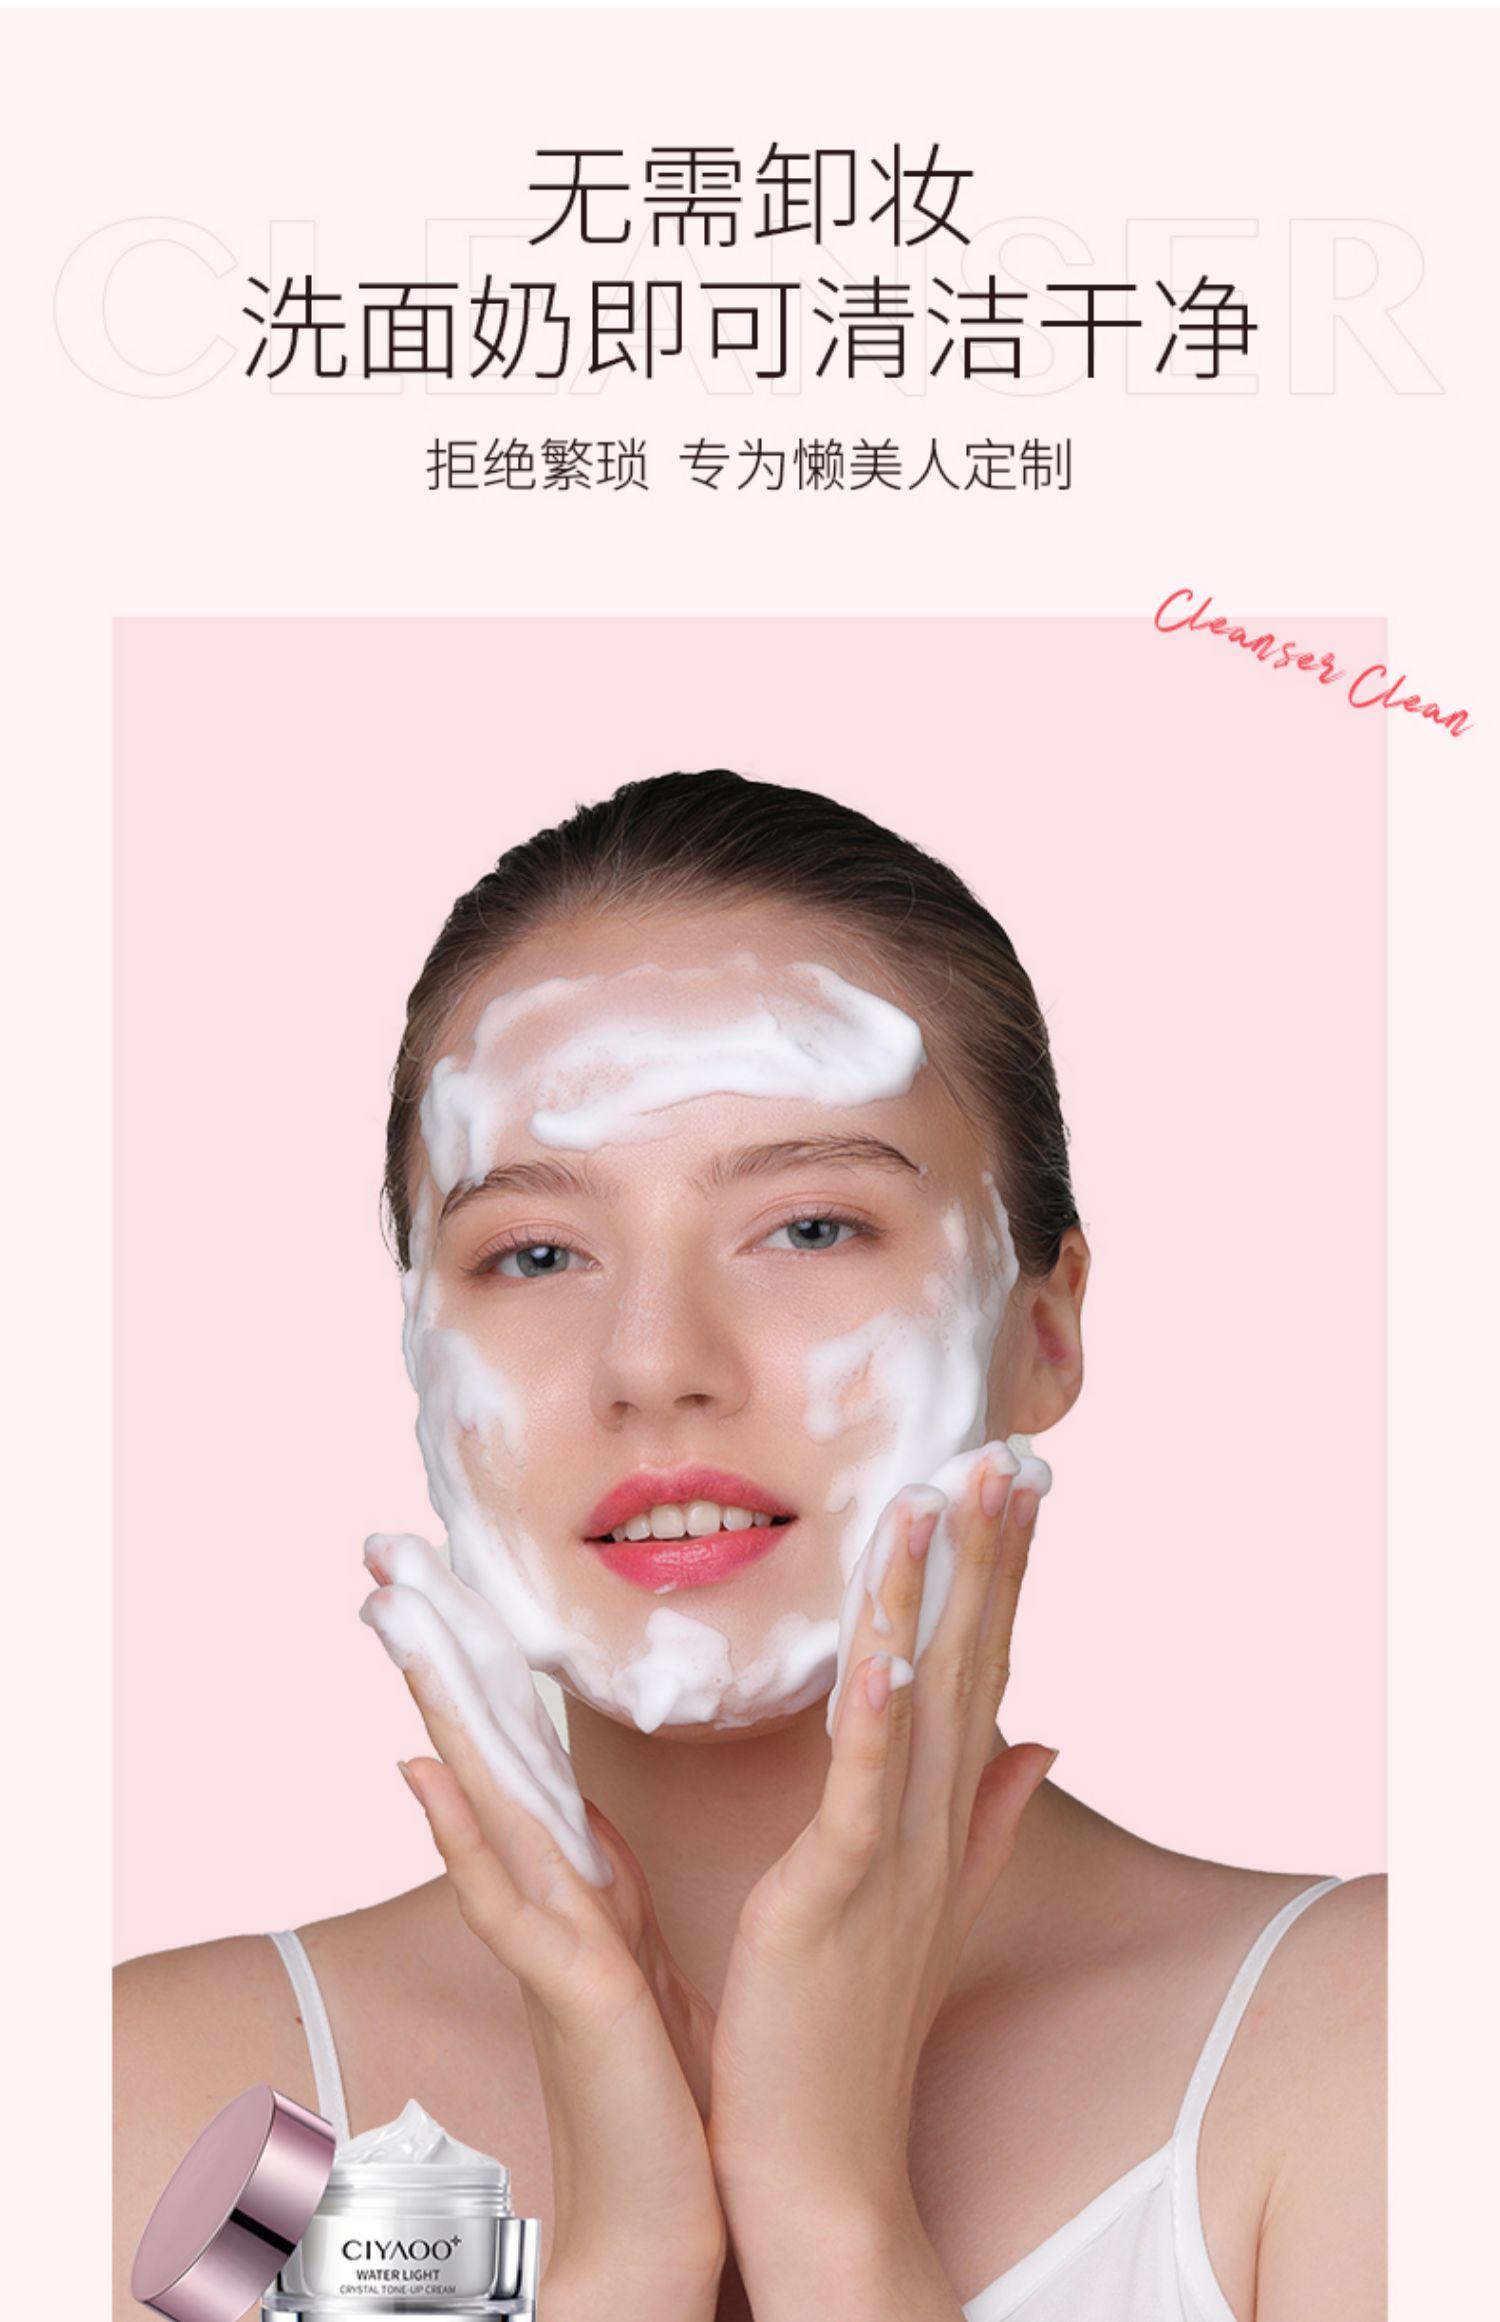 【瓷雅】素颜霜懒人霜